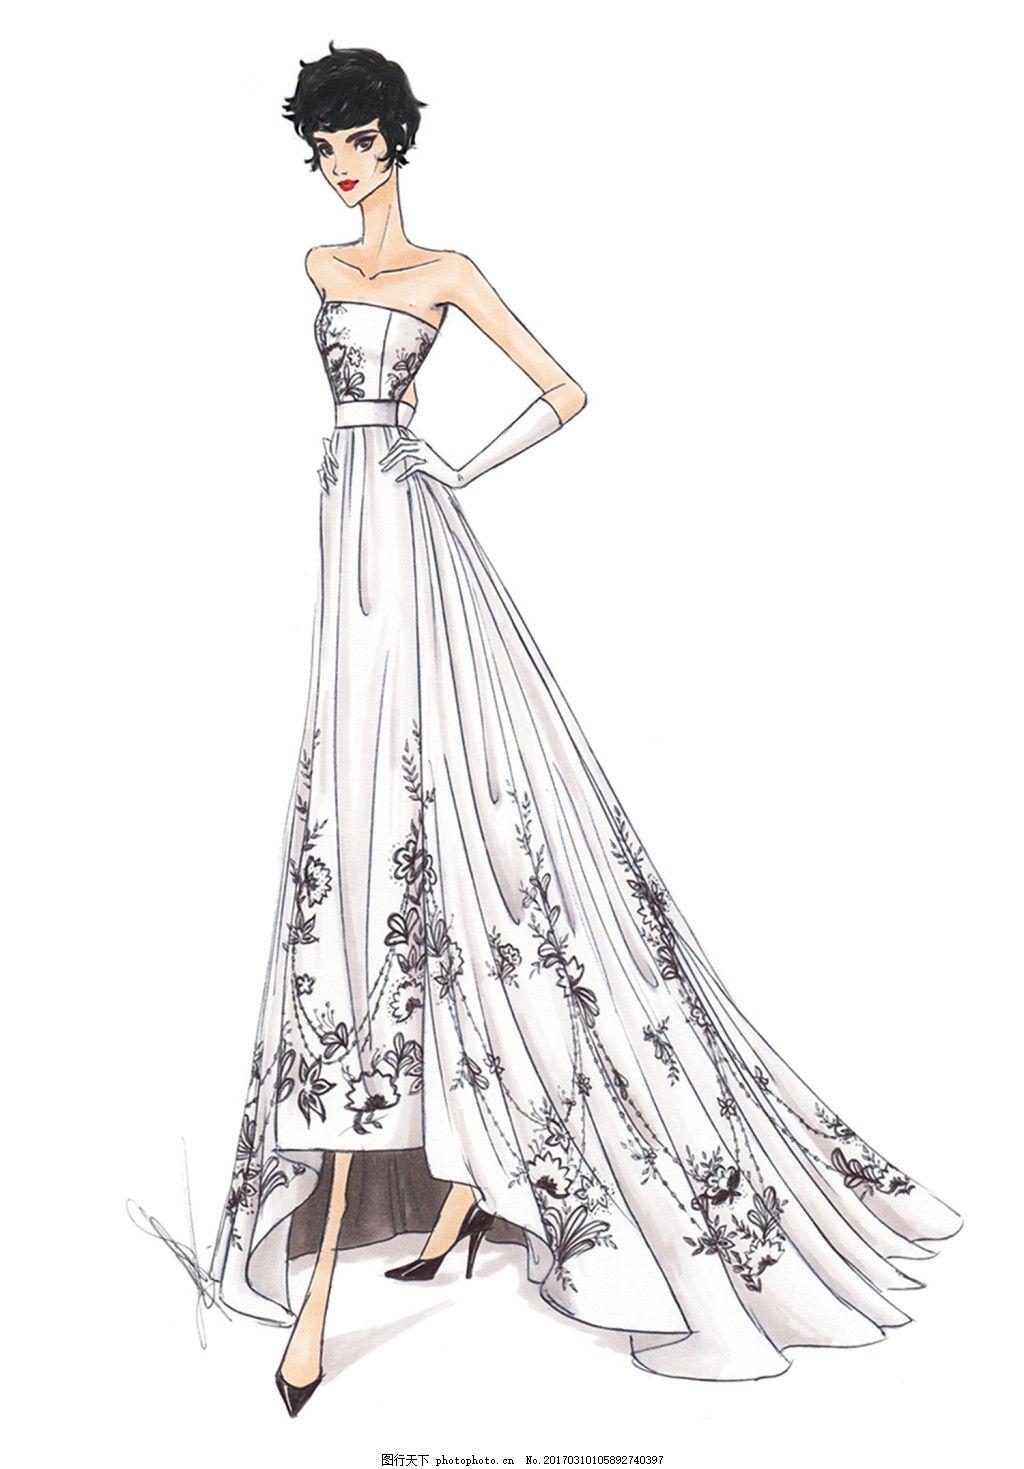 设计图库 现代科技 服装设计  抹胸礼服设计图 服装设计 时尚女装